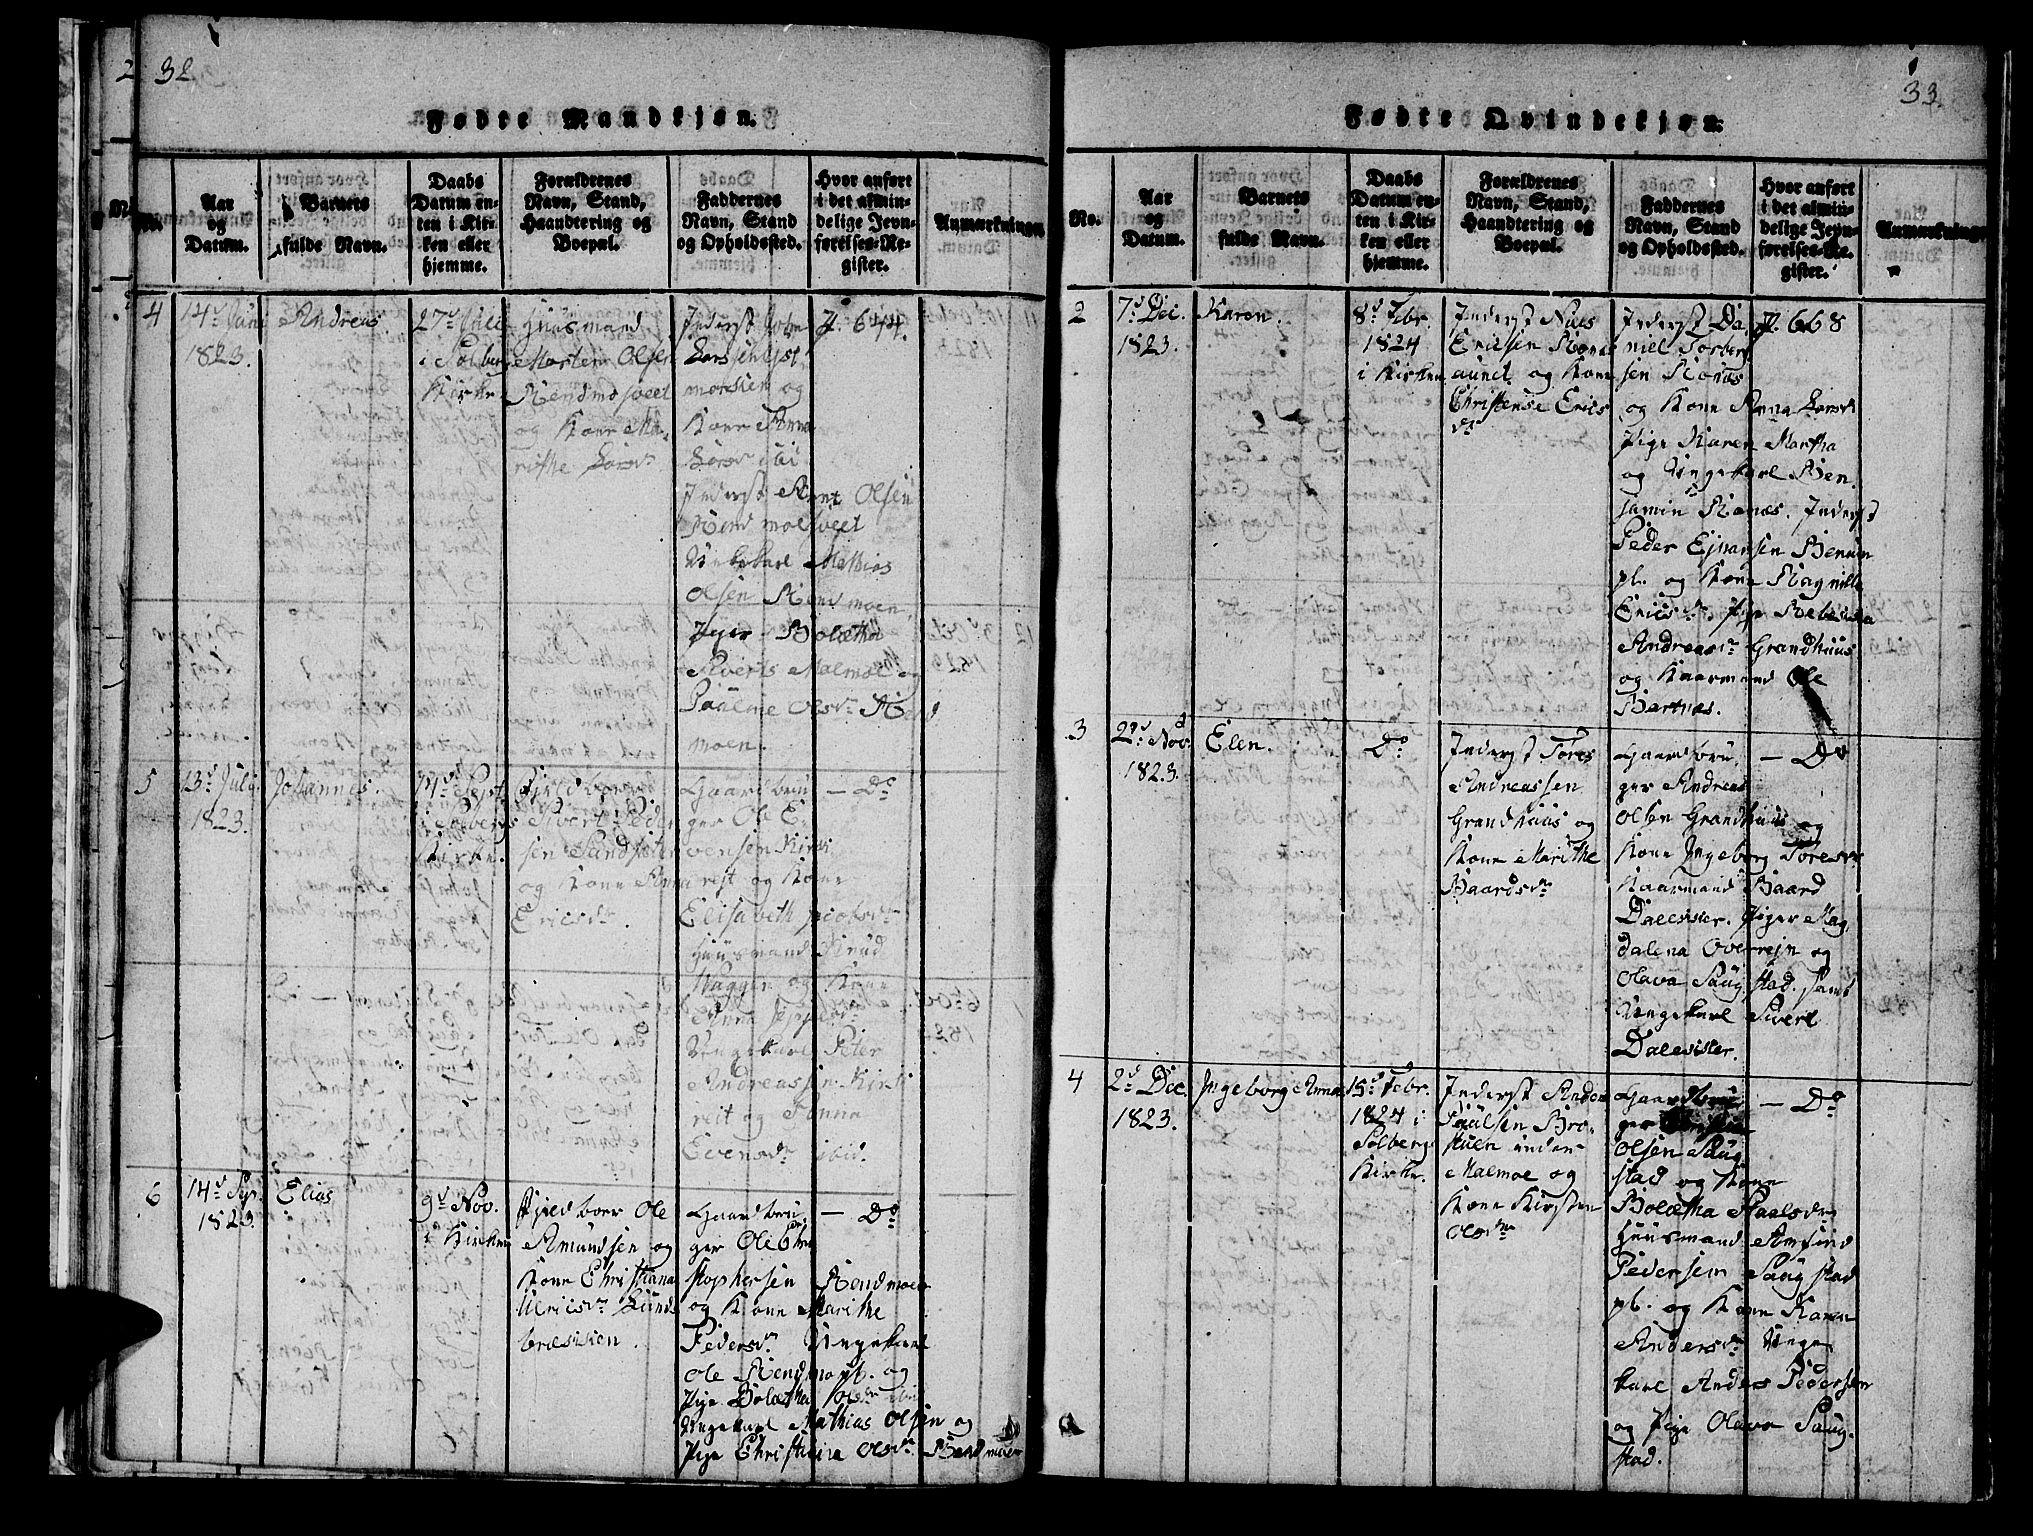 SAT, Ministerialprotokoller, klokkerbøker og fødselsregistre - Nord-Trøndelag, 745/L0433: Klokkerbok nr. 745C02, 1817-1825, s. 32-33